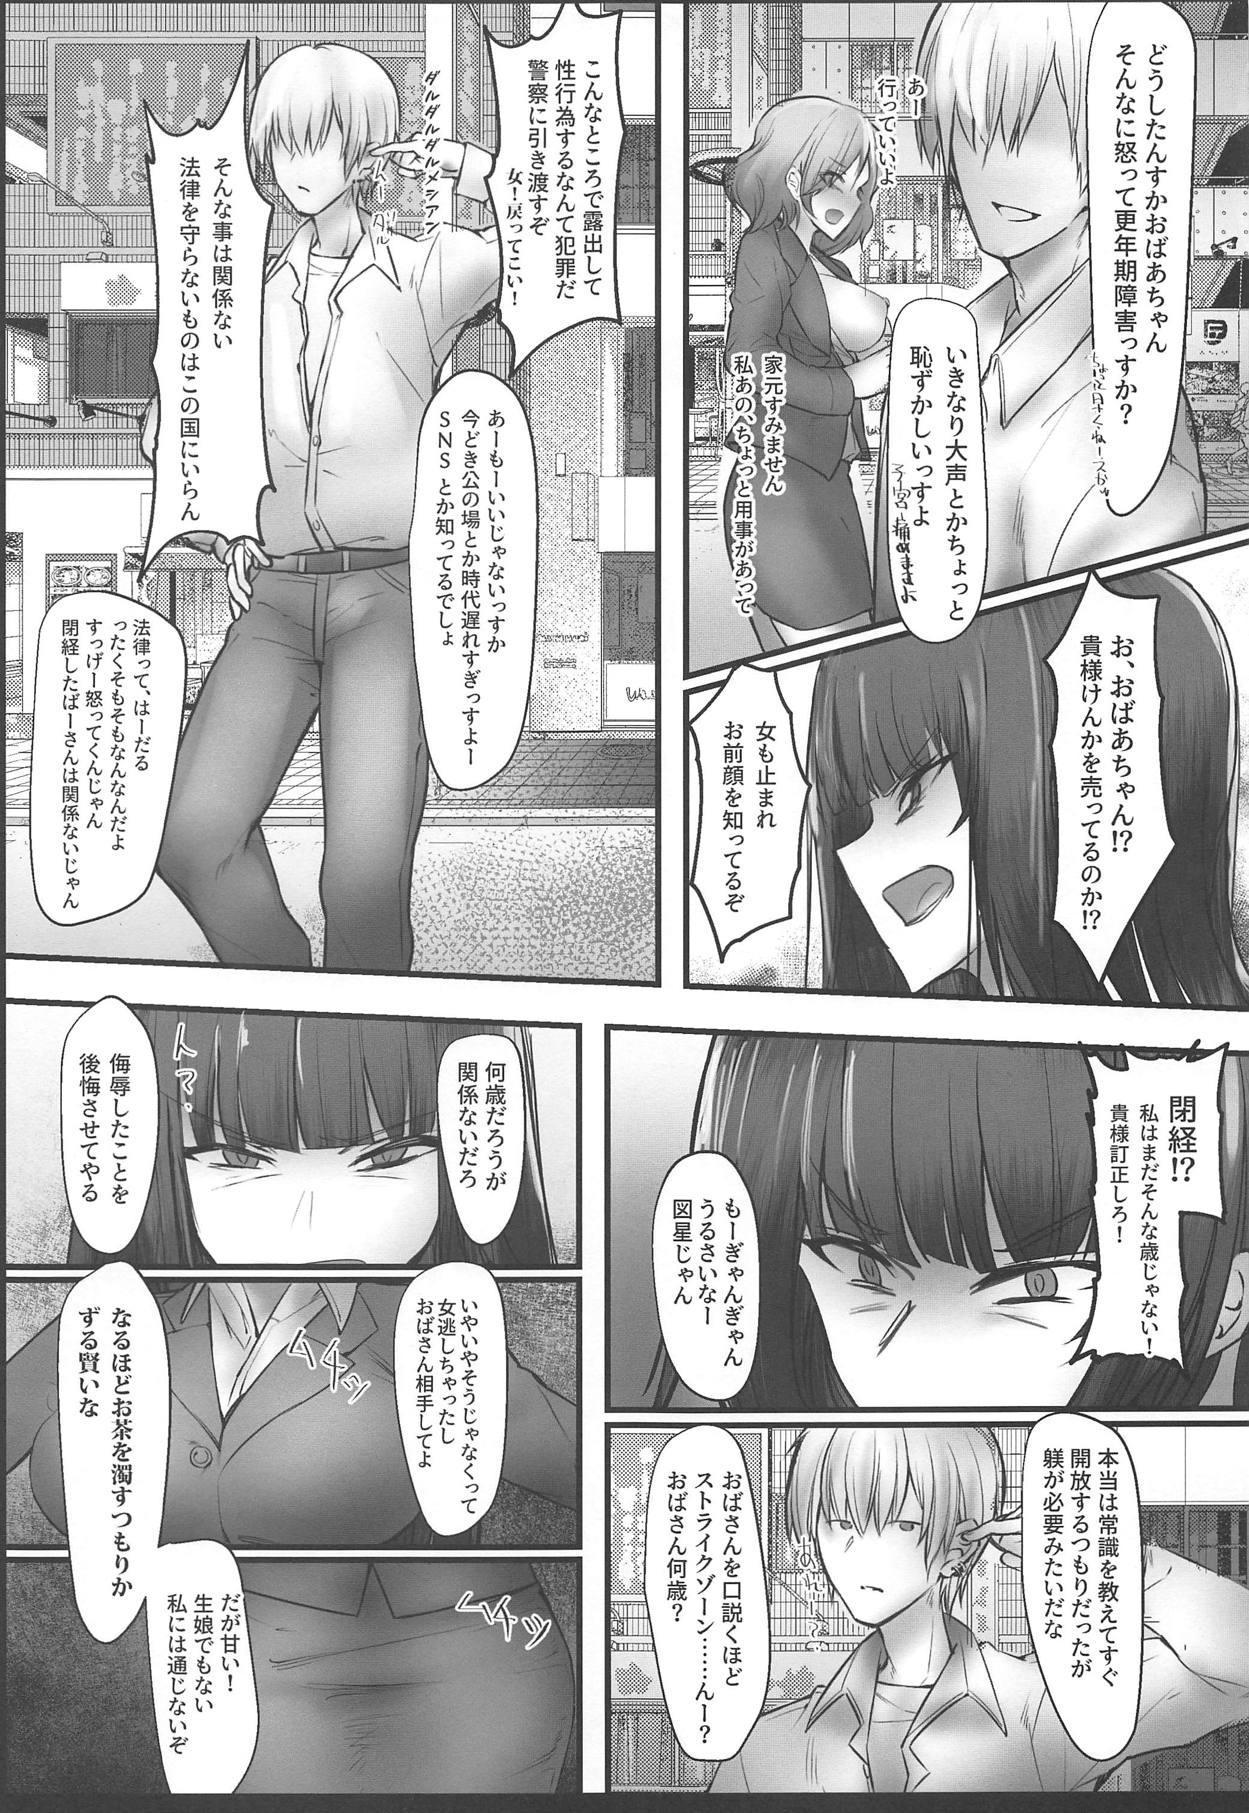 (COMIC1☆15) [Flaming Dragon (Bouto)] Tsuyoi Sensha no Kowashikata NTR Zenpen -Nishizumi-ryuu Iemoto Nishizumi Shiho Shihan no Baai- (Girls und Panzer) 5